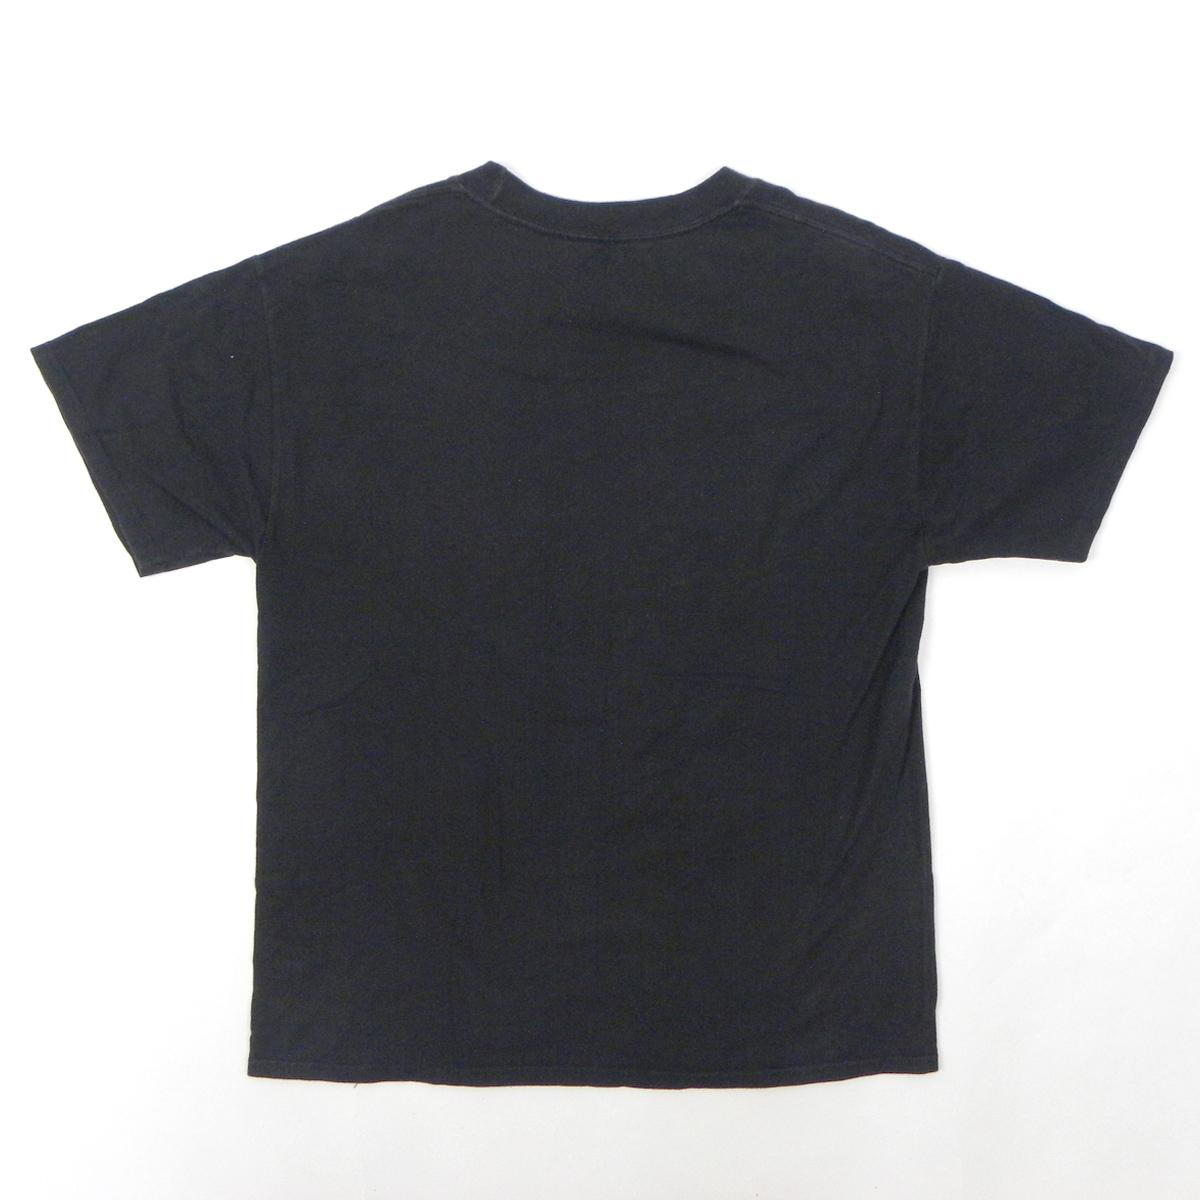 ウォルトディズニーワールド Walt Disney World ネオンミッキーマウス 半袖Tシャツ フロリダ Mサイズ ブラック m0517-24_画像2